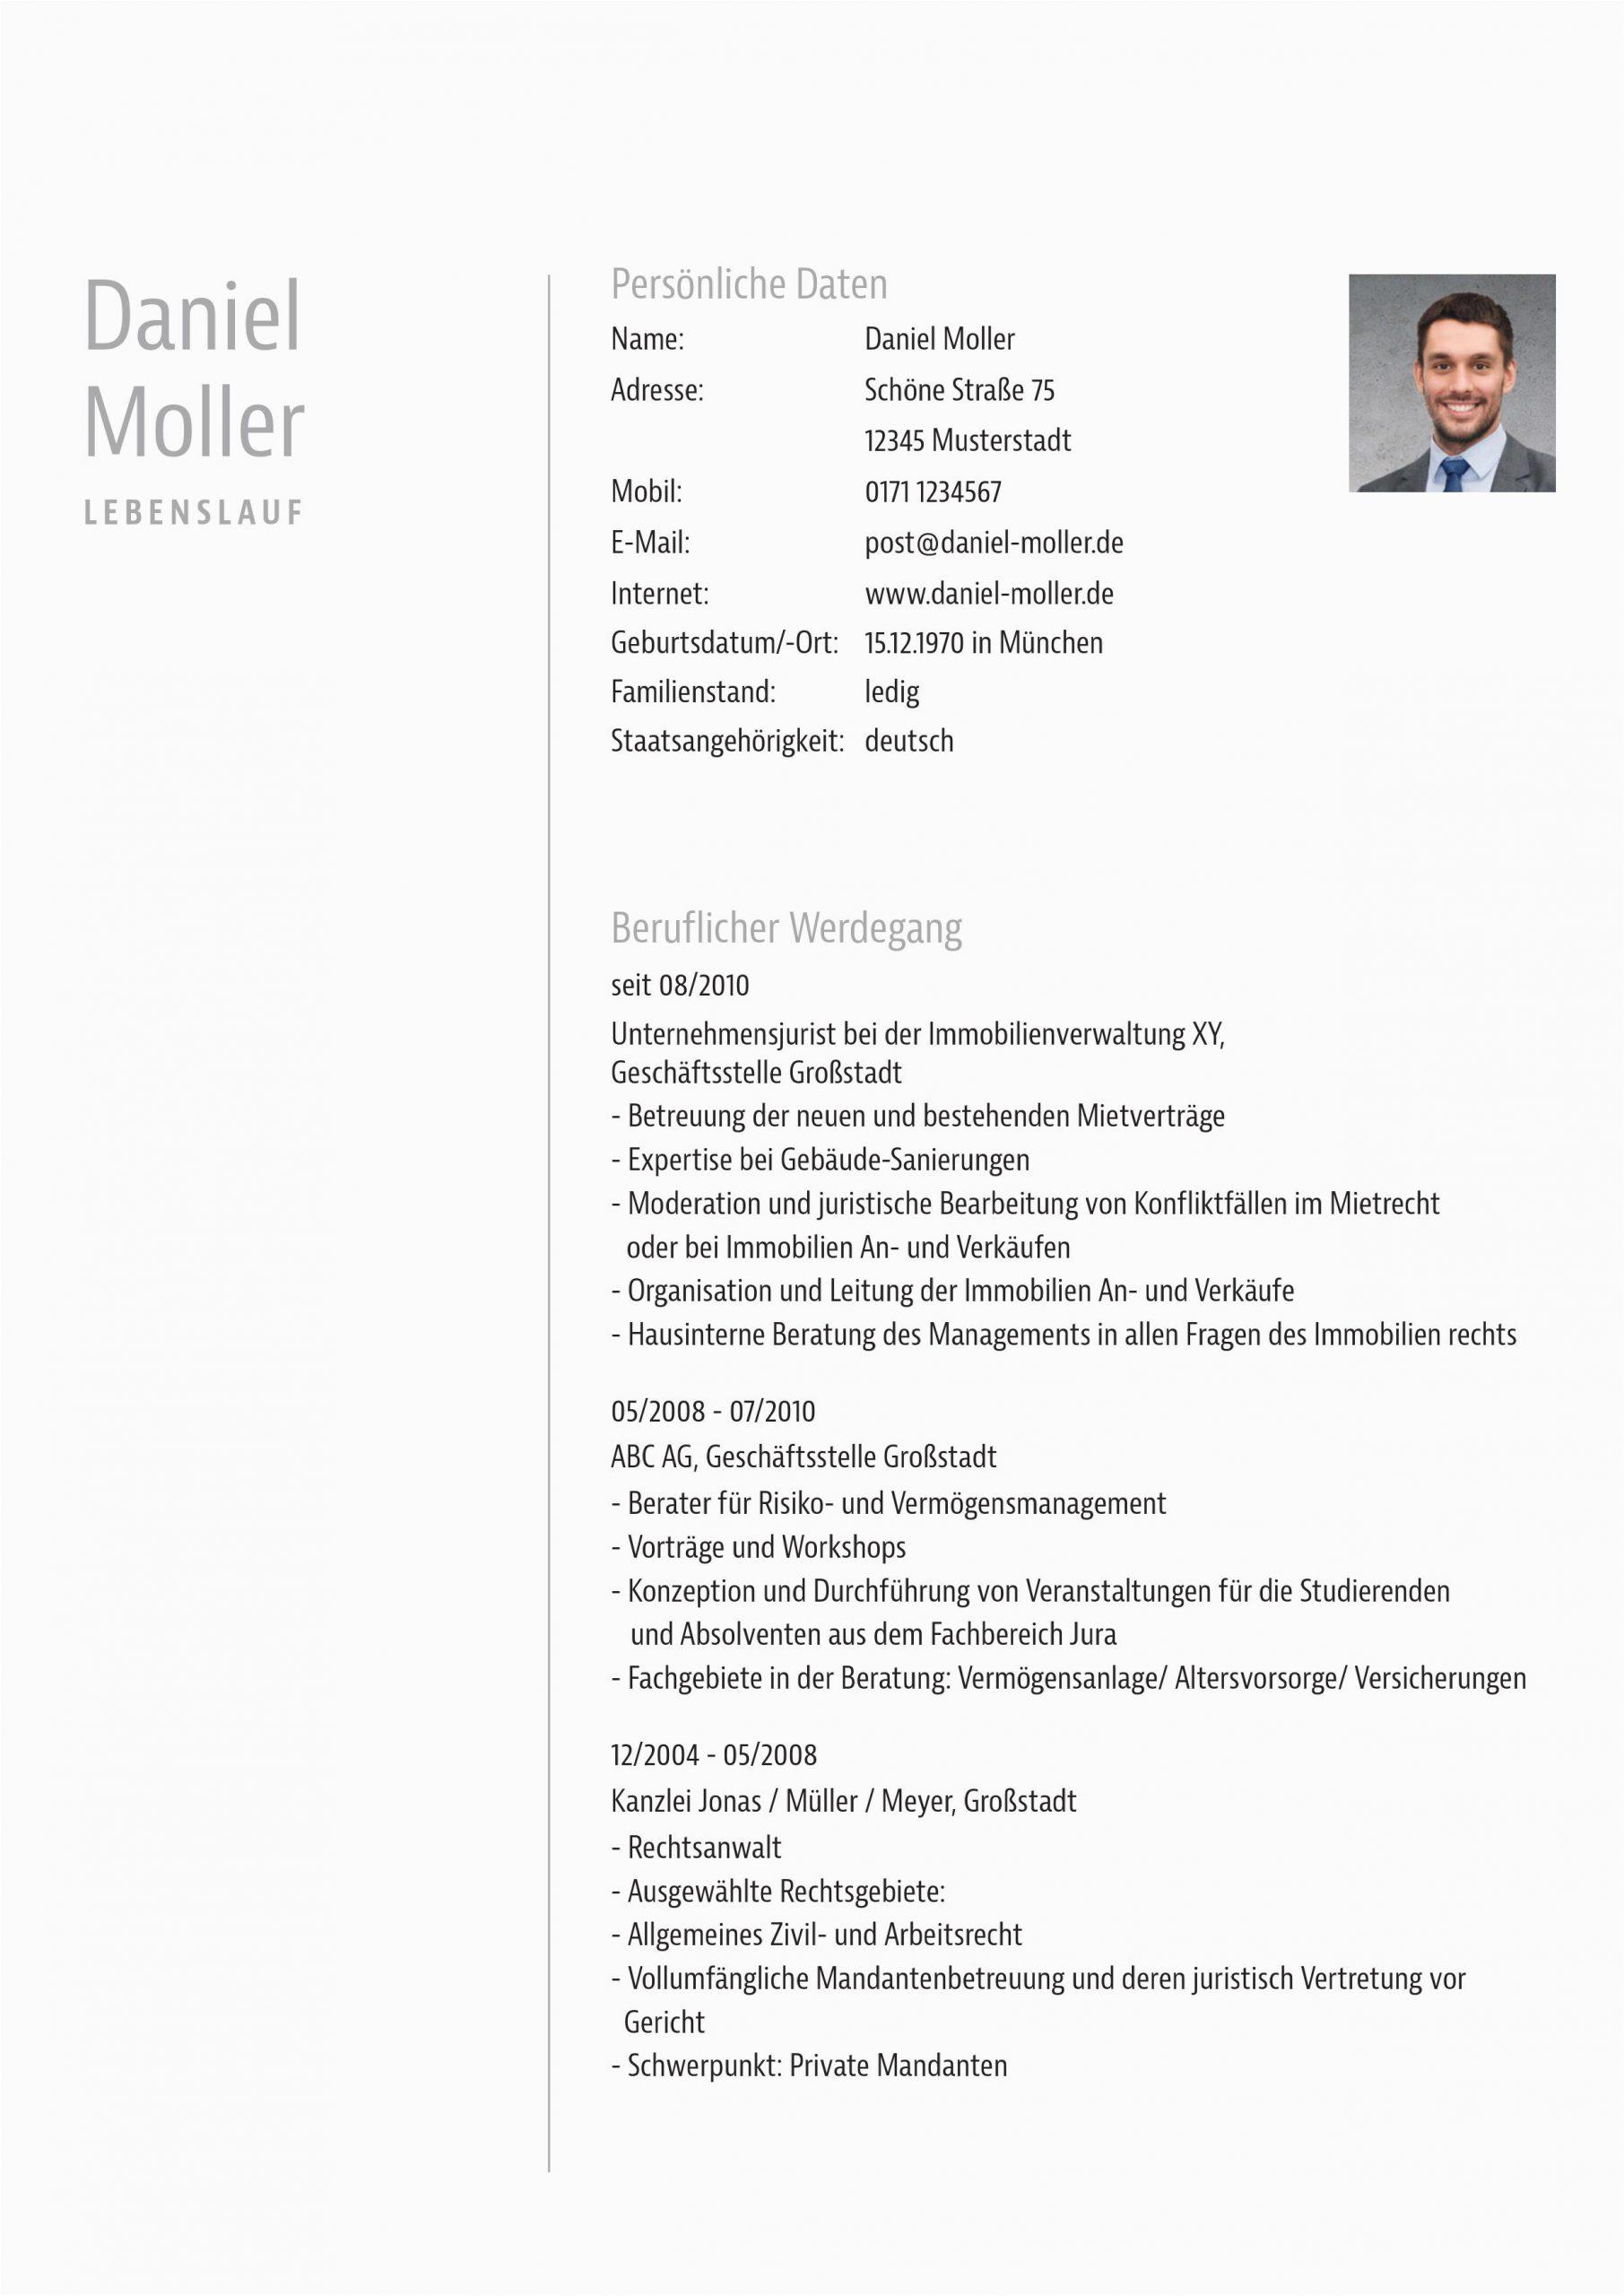 Juristischer Lebenslauf Englisch Muster Bewerbungsvorlage Für Anwälte Und Justisten